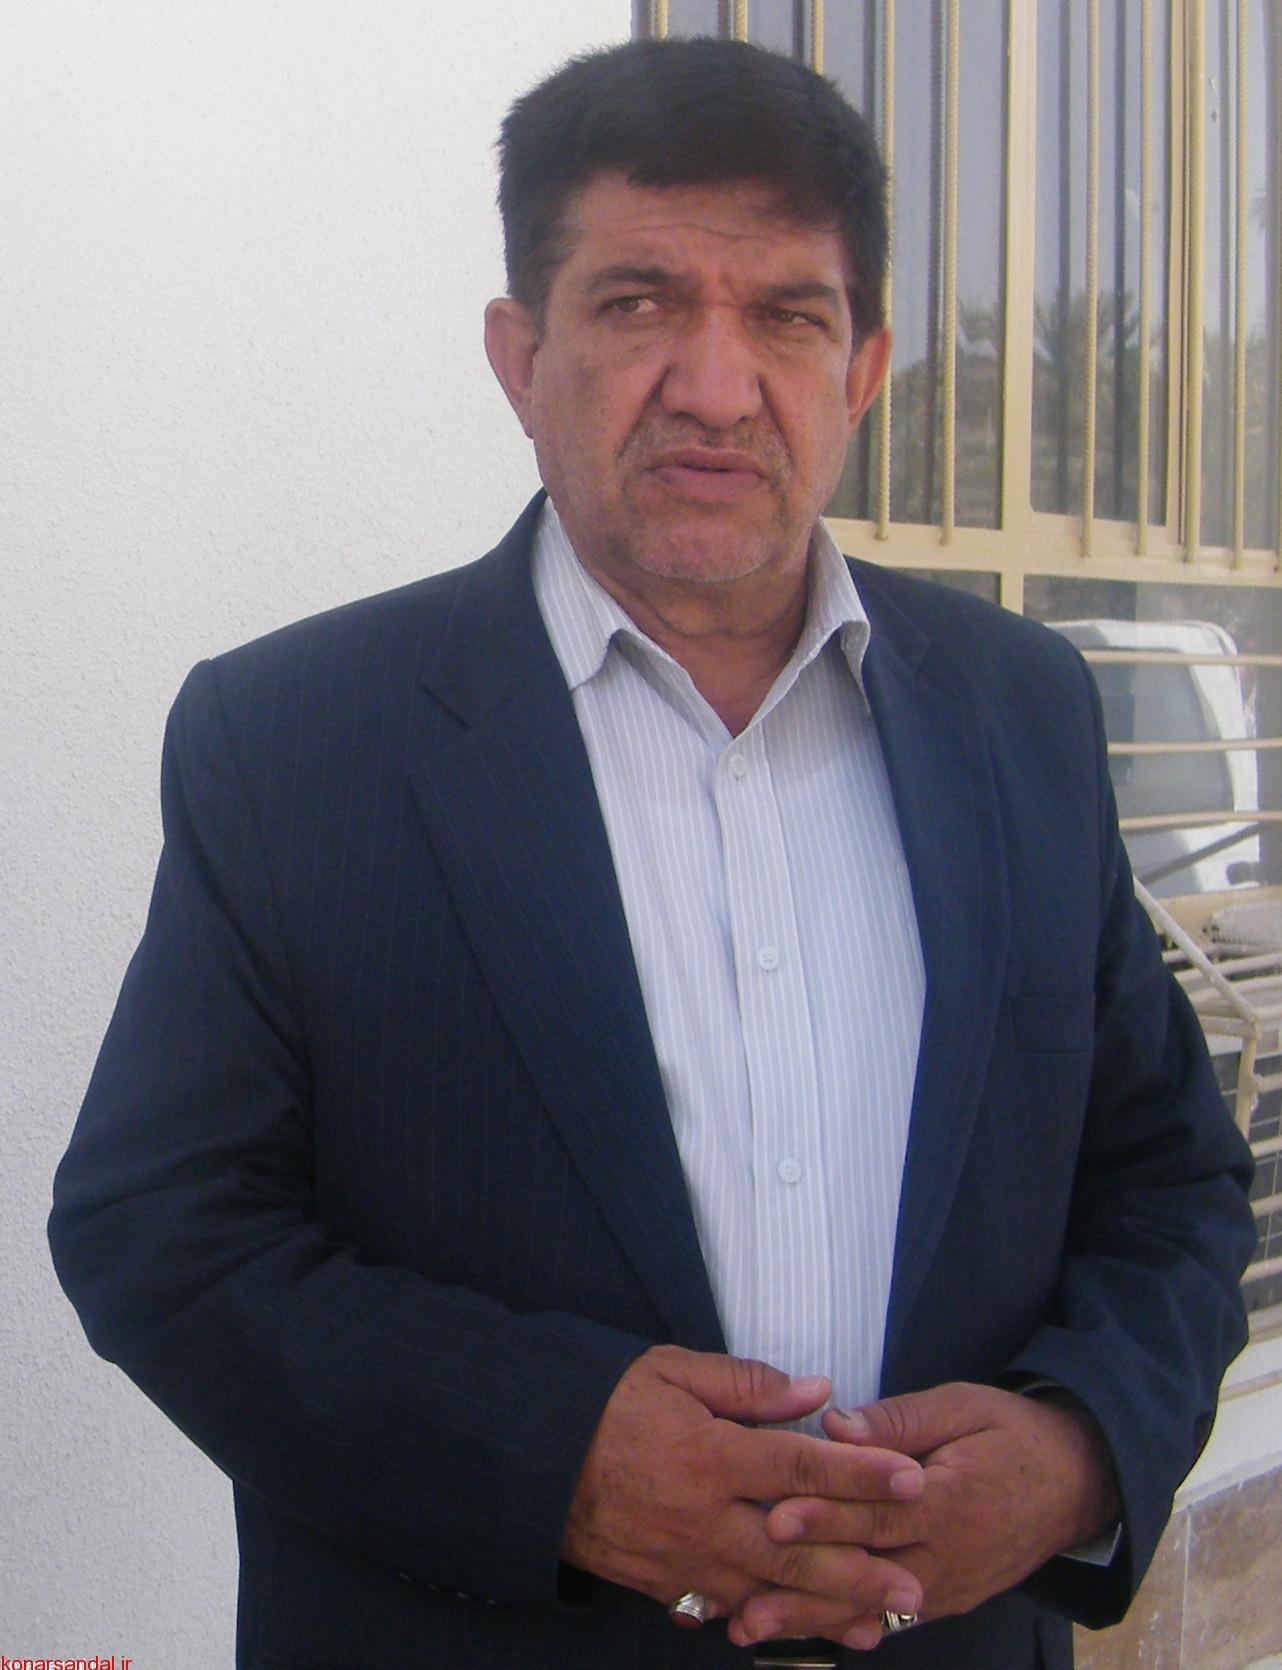 فرماندار جیرفت: آب فرودگاه جیرفت در مدت کوتاه توسط اداره آب و فاضلاب روستایی تأمین میشود.